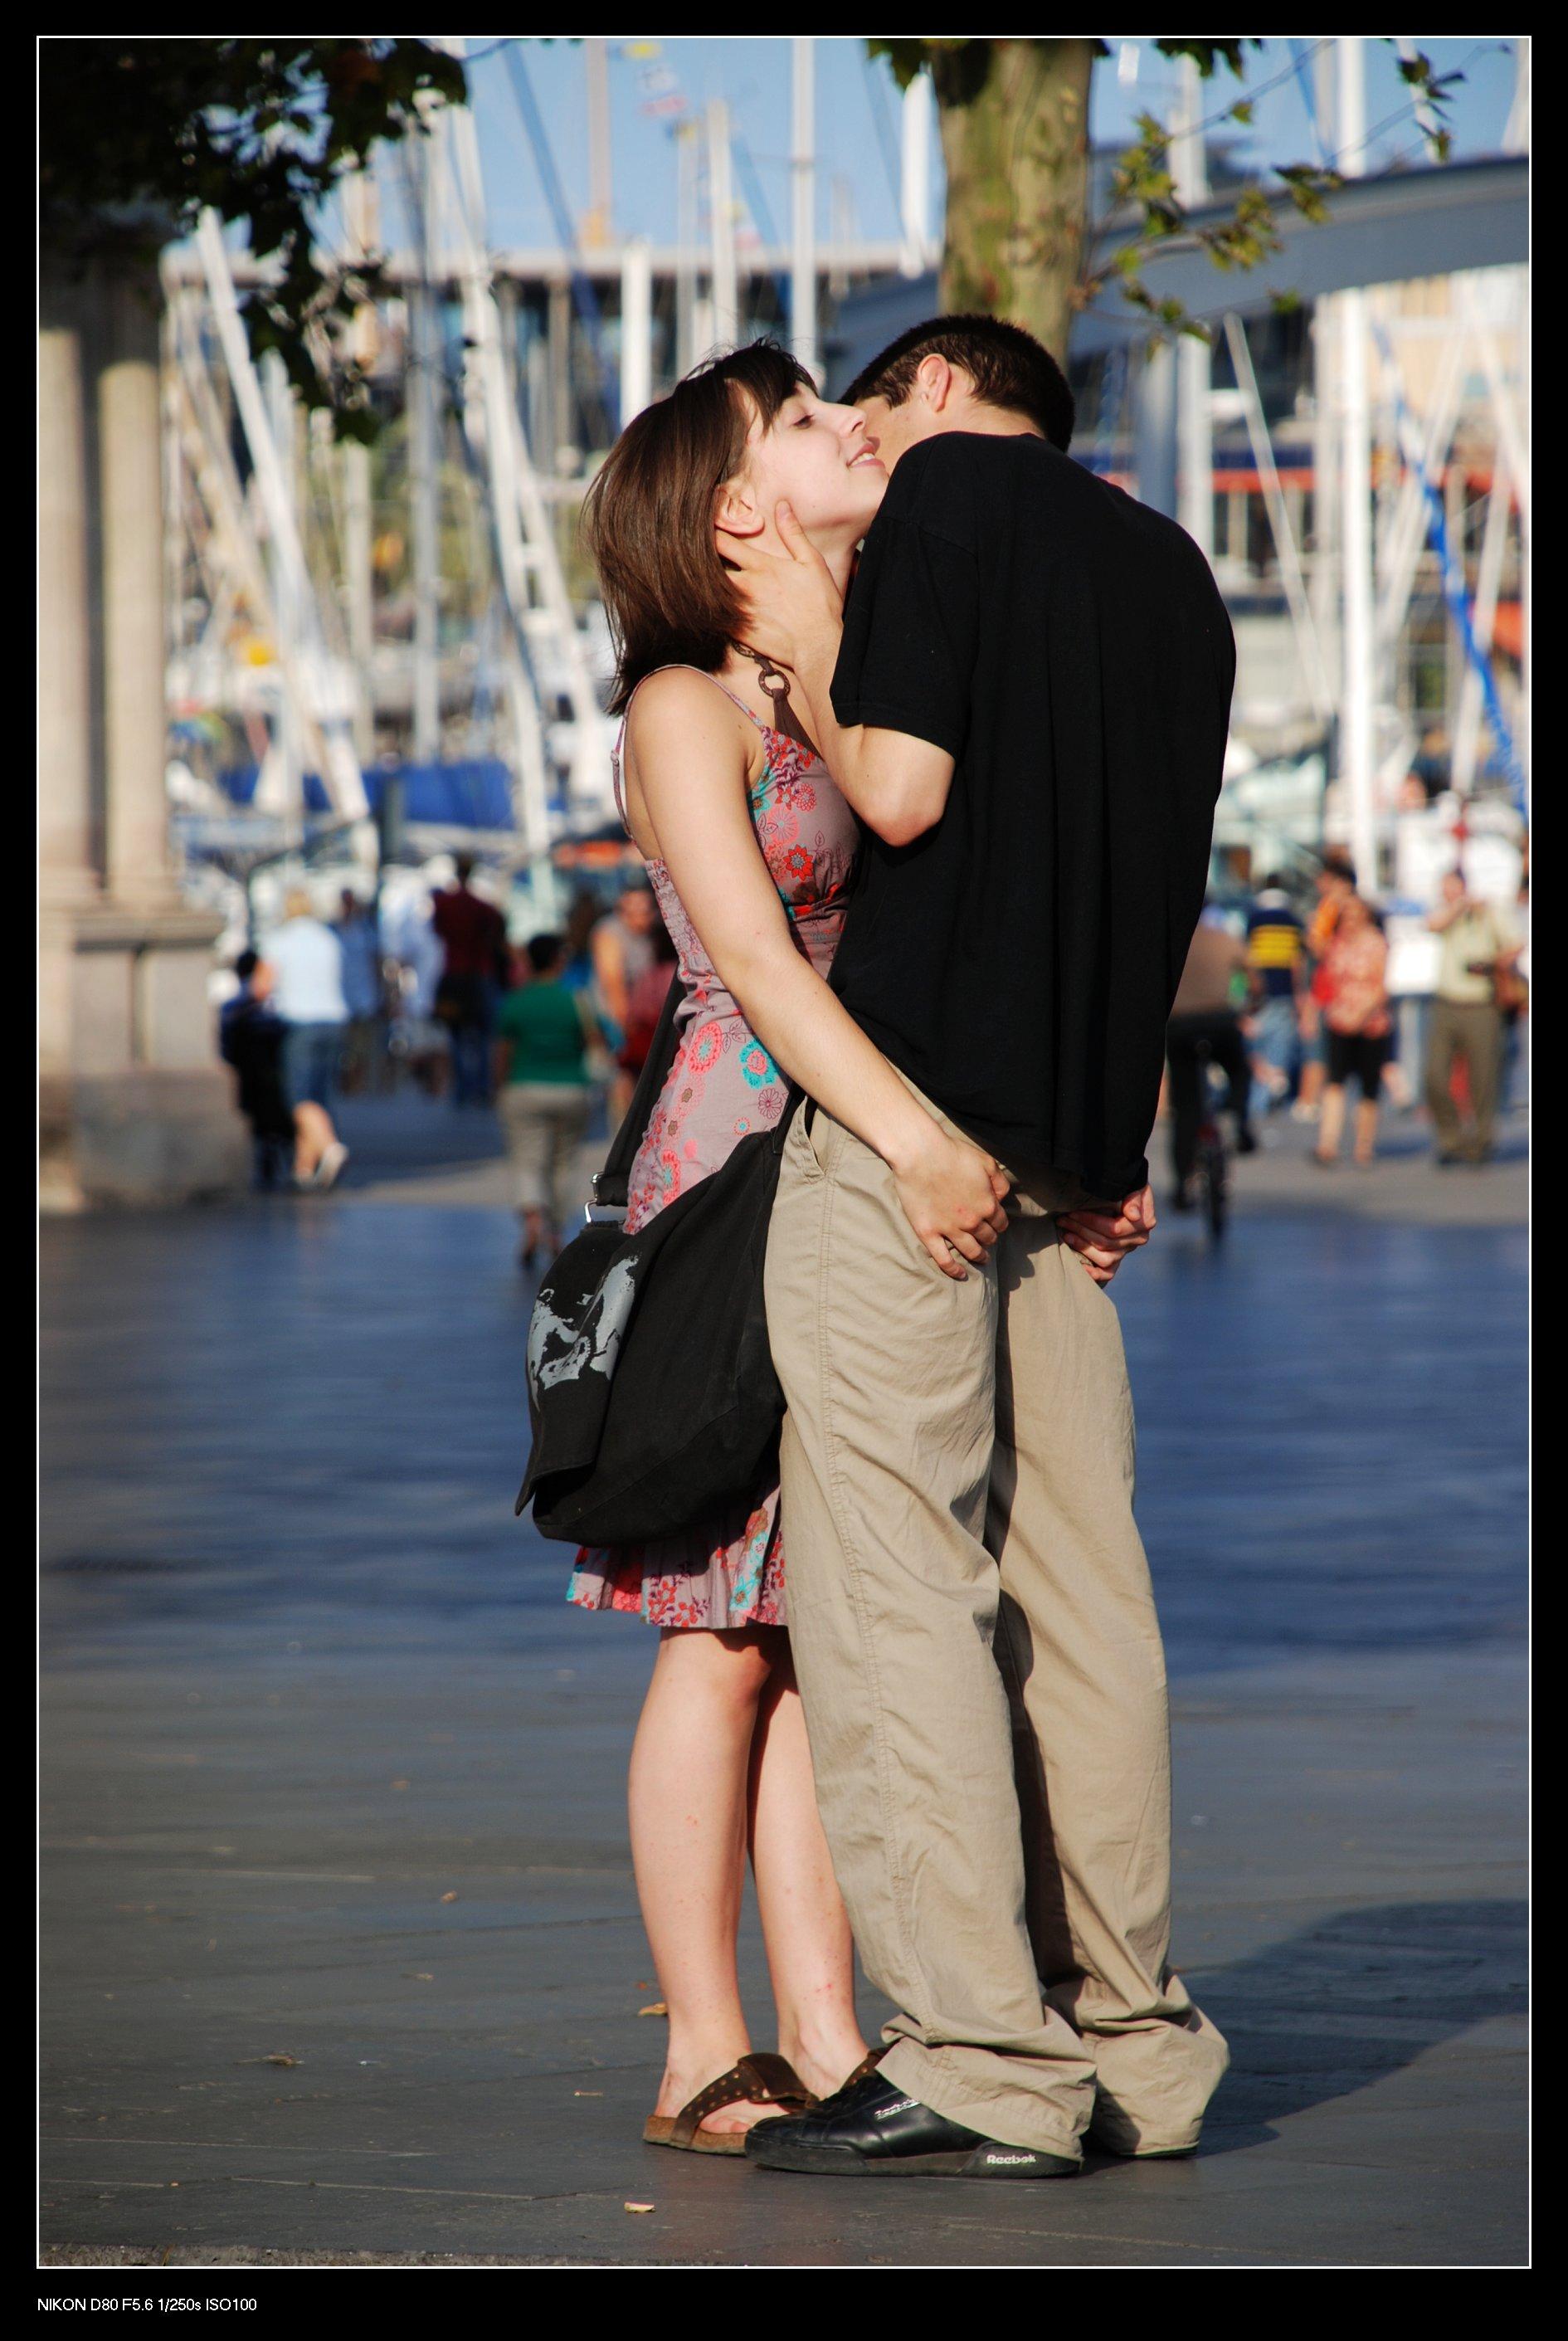 西班牙、法国浪漫之旅 - 西樱 - 走马观景